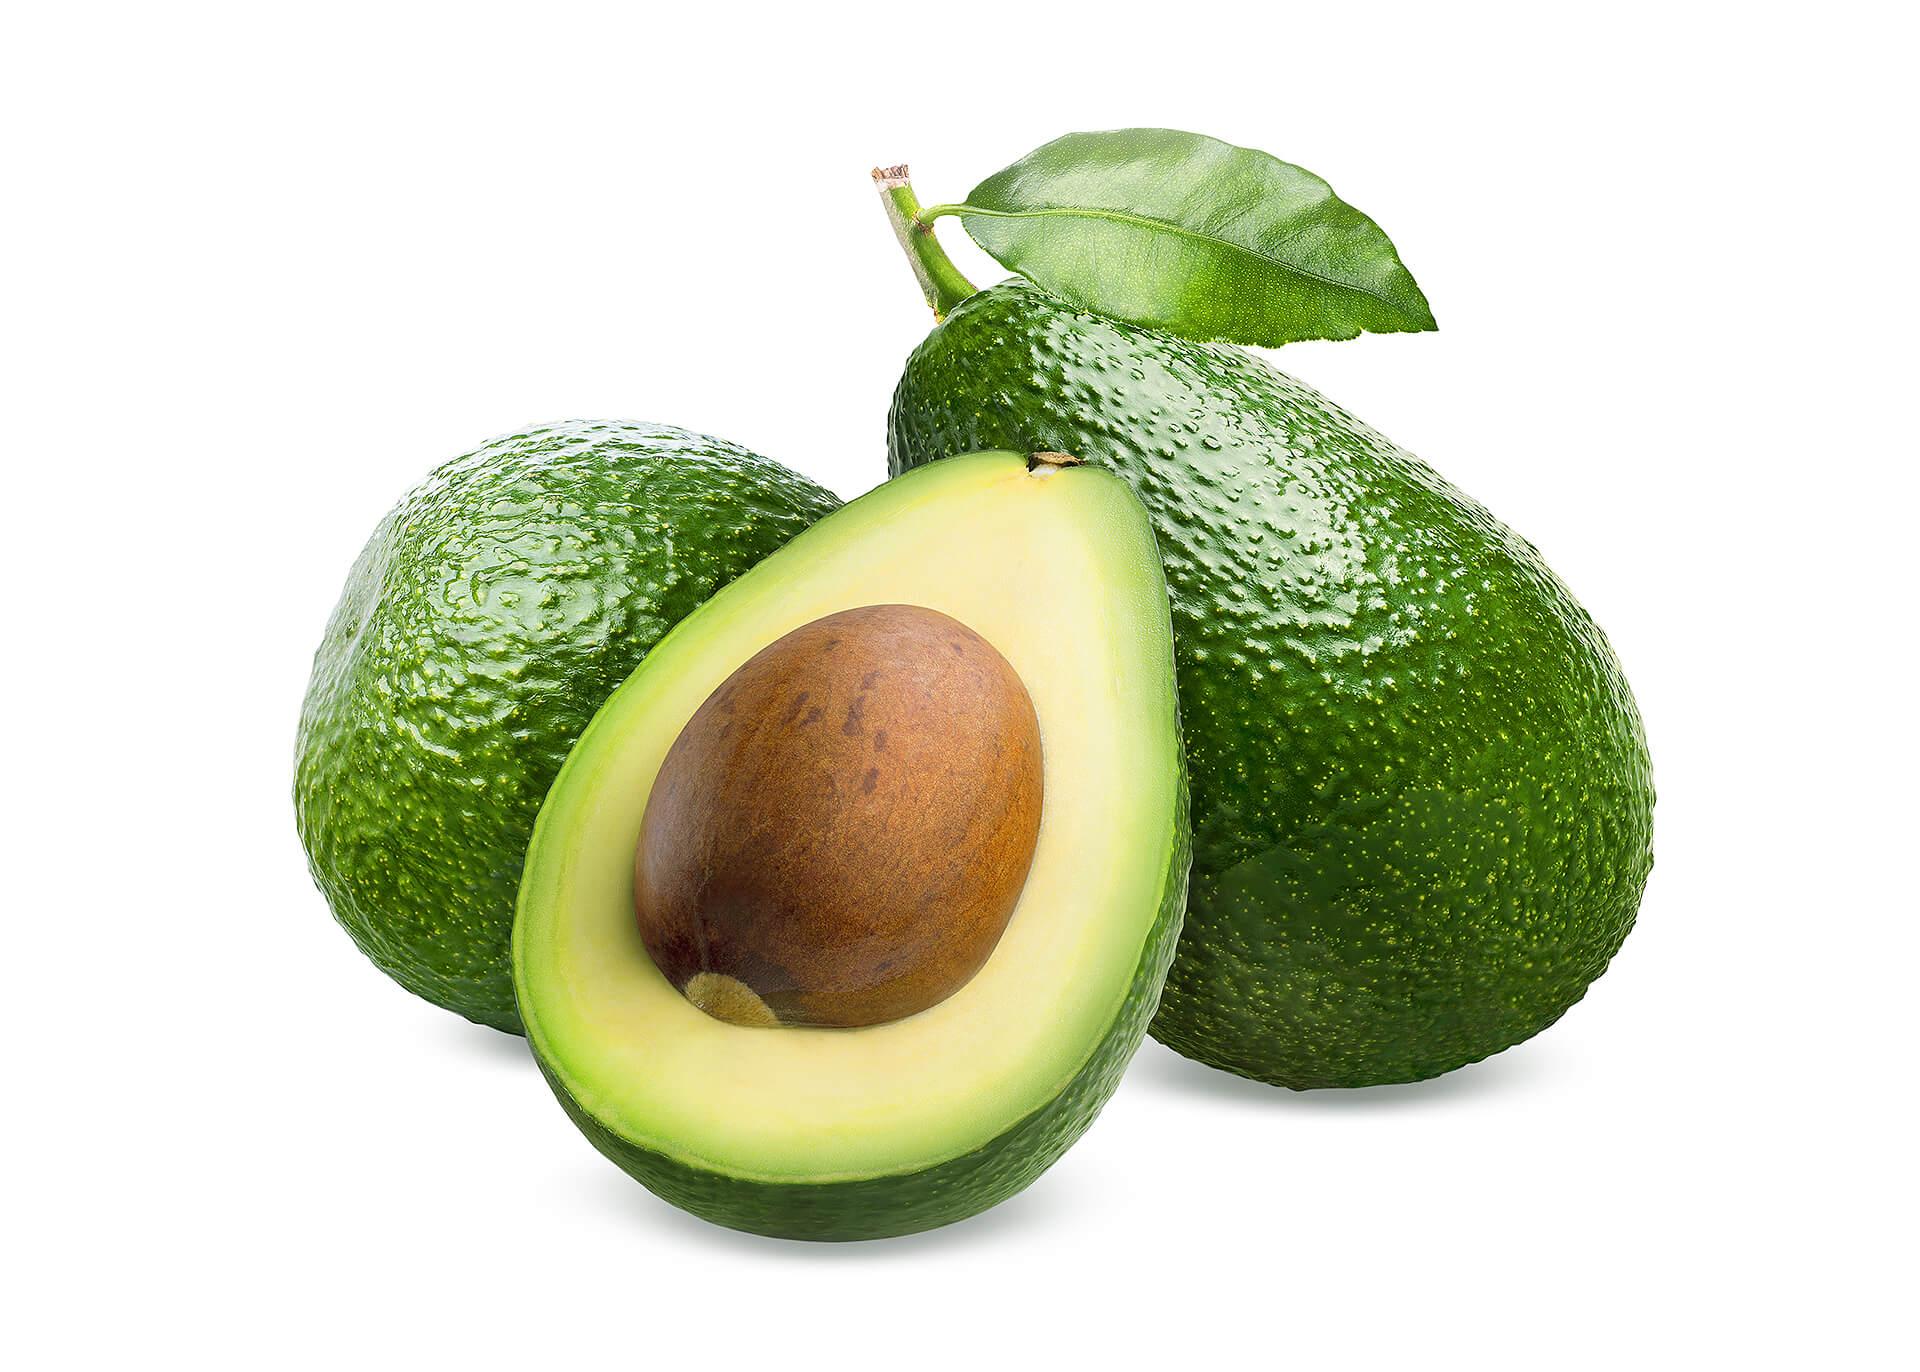 Avocado cutout